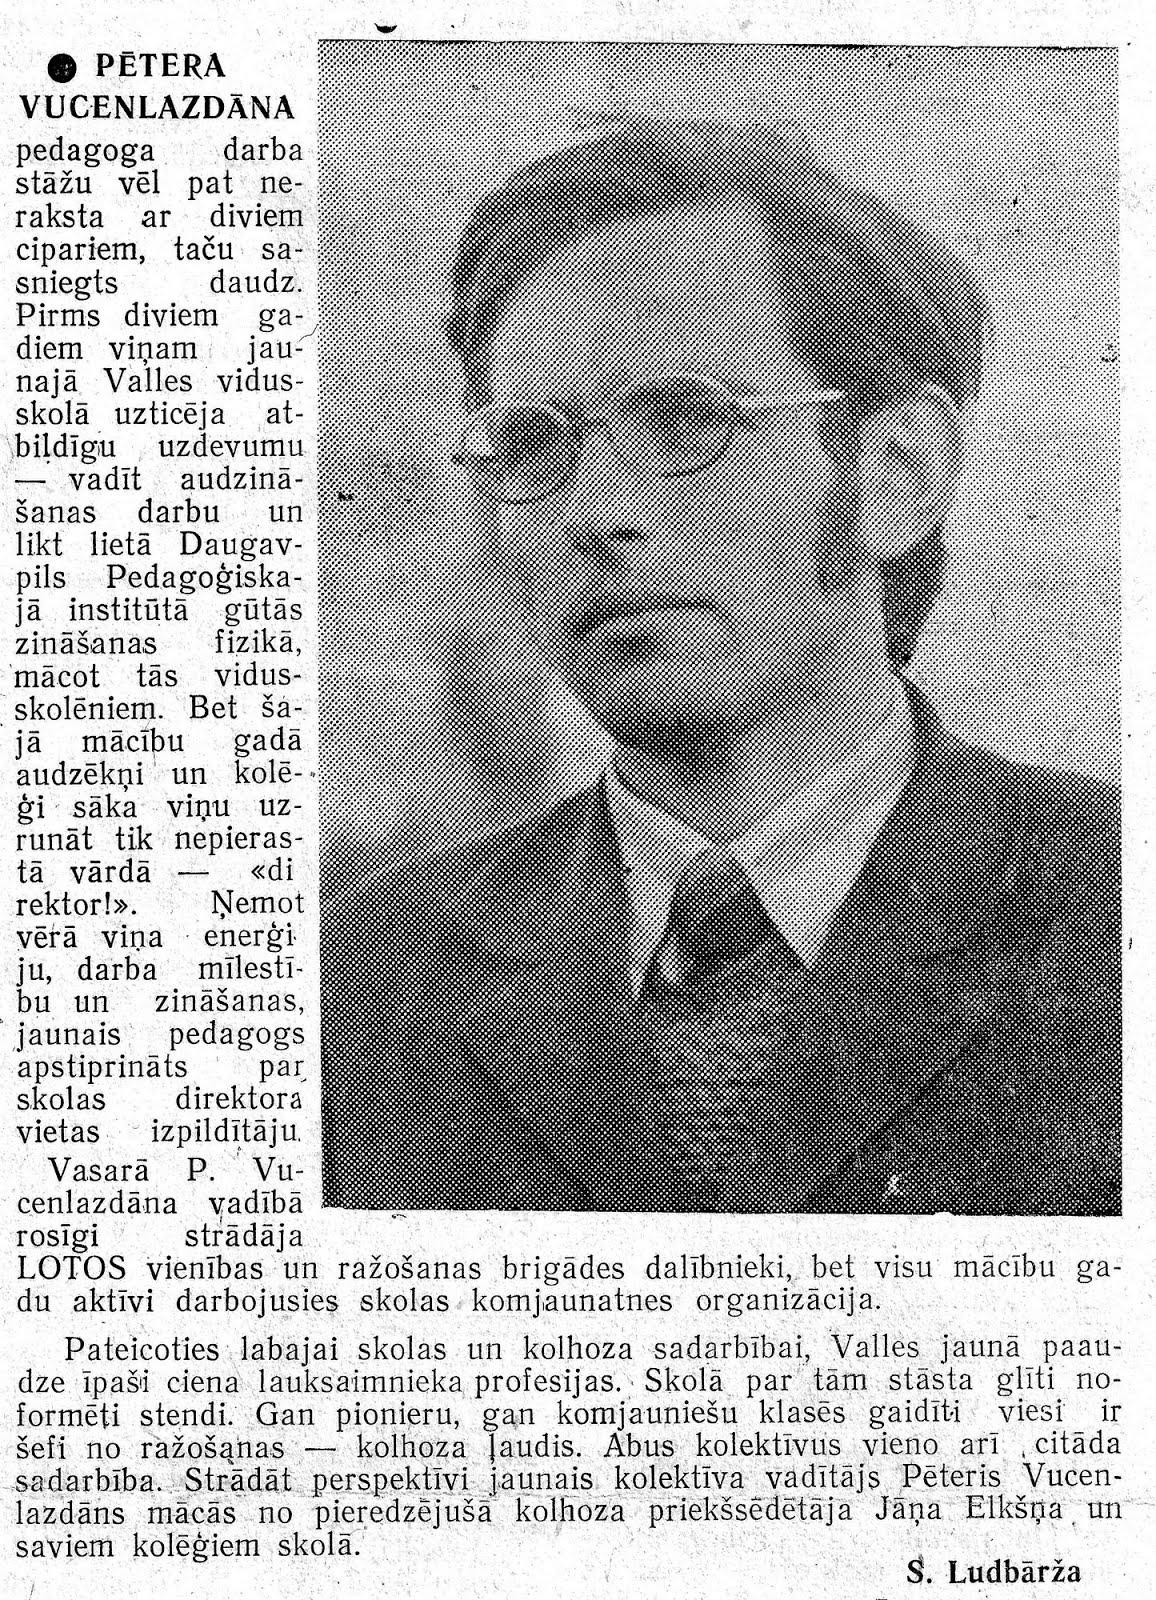 Pēteris Vucenlazdāns - Valles skolas direktors 1978. - 1982. g. decembris